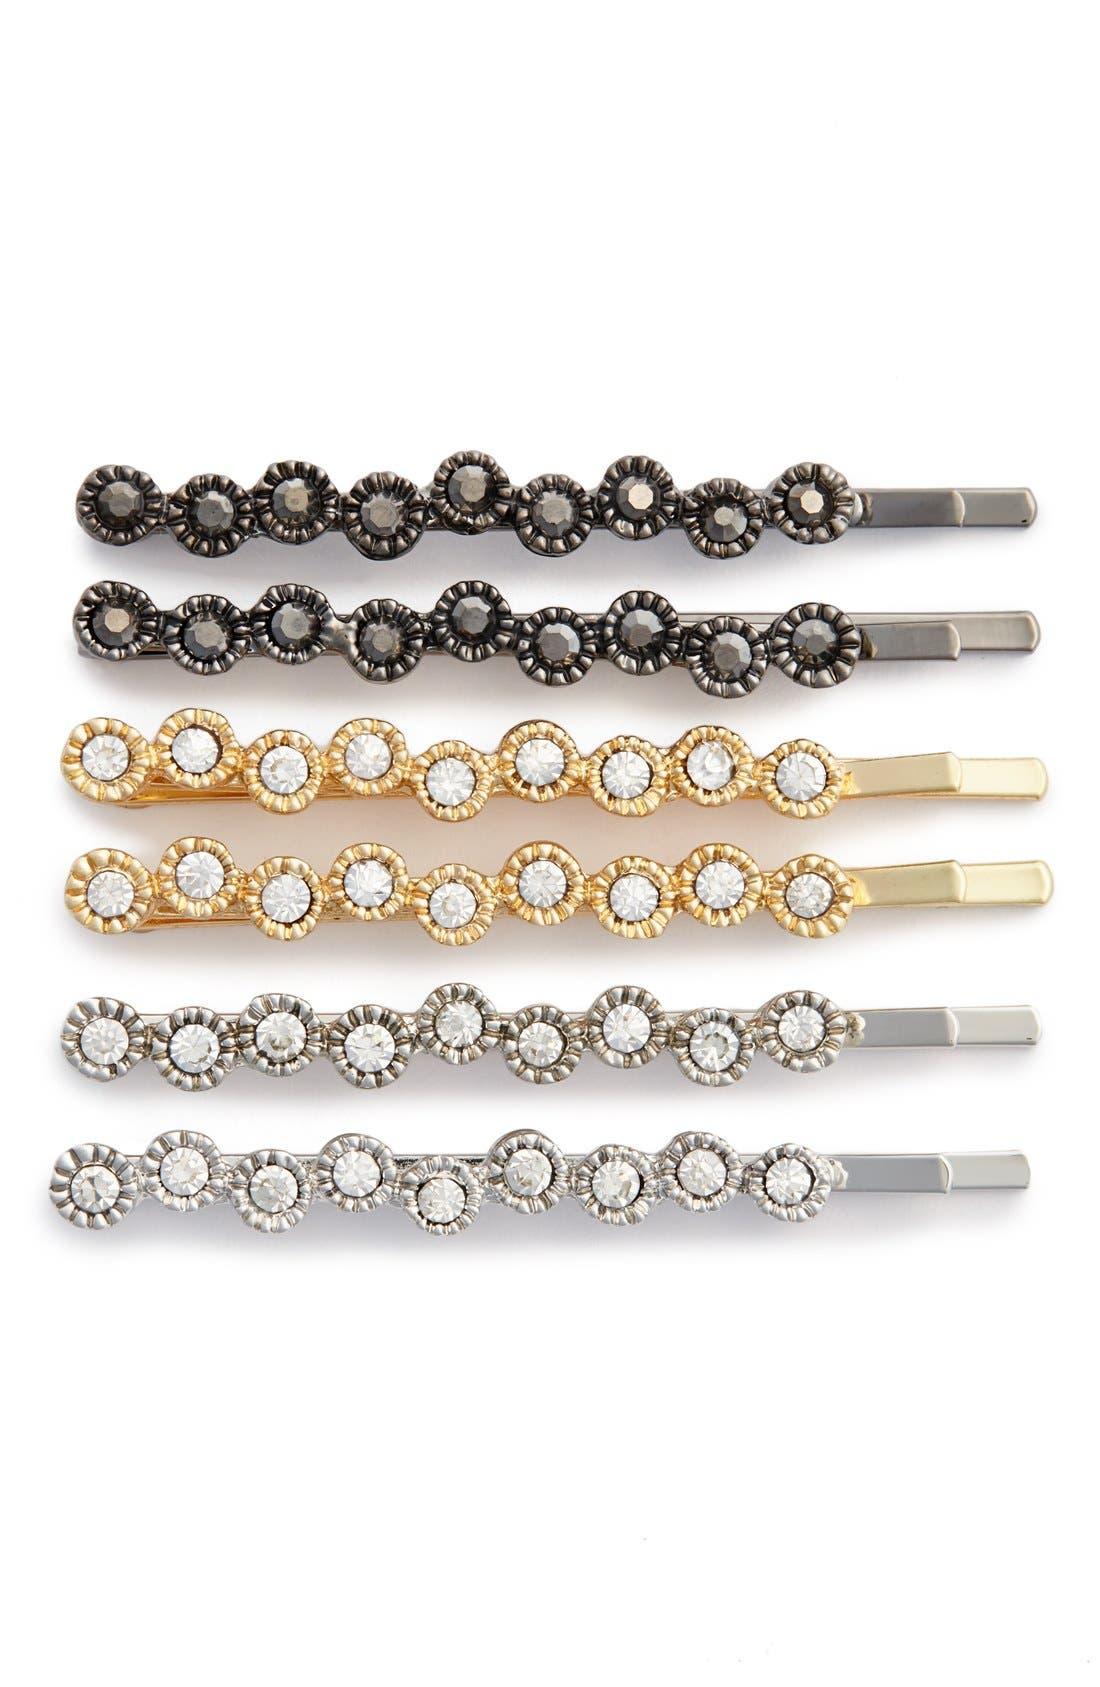 Tasha 'Sparkle' Bobby Pins (6-Pack)